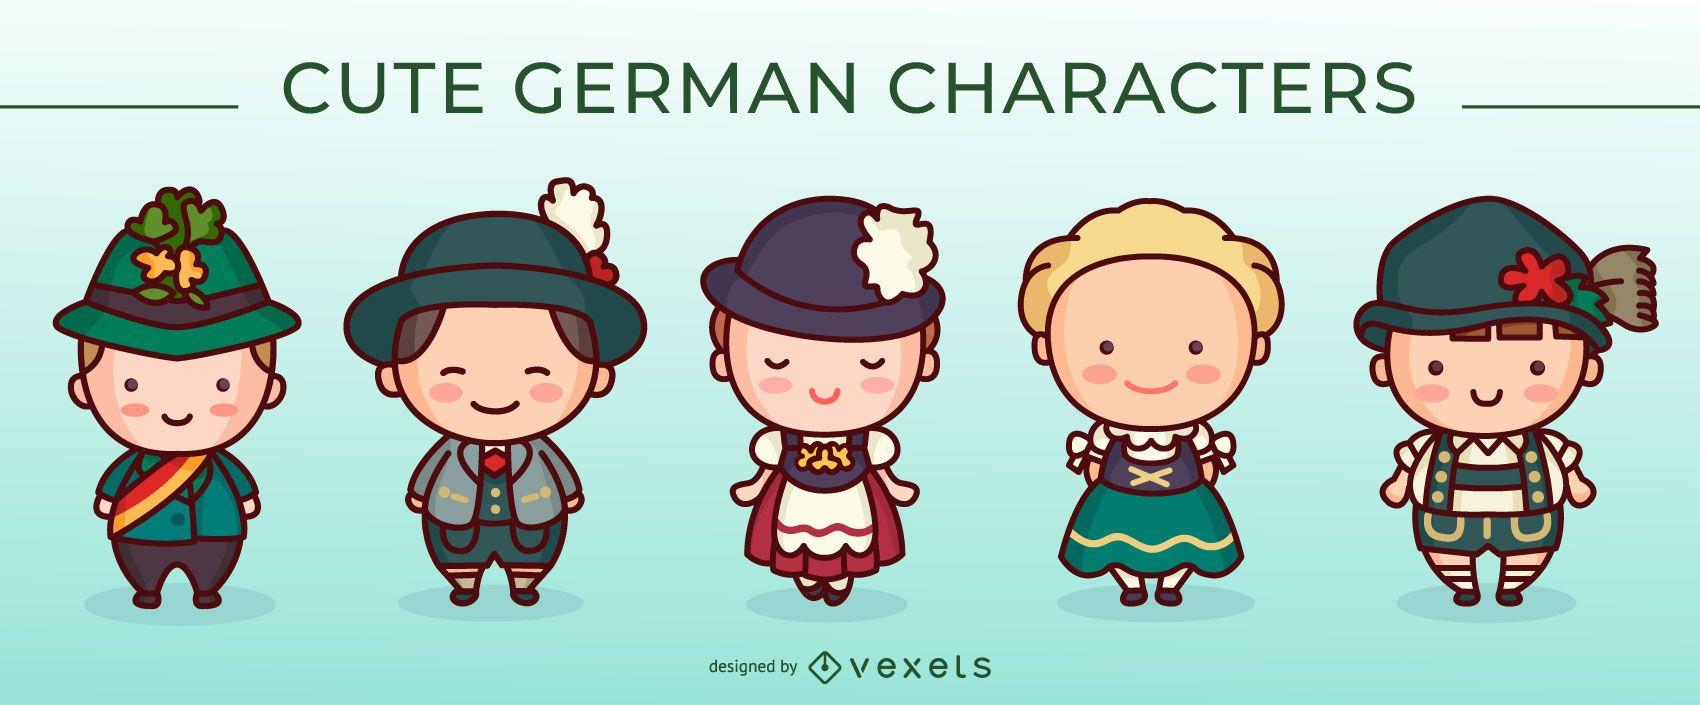 Cute german characters set